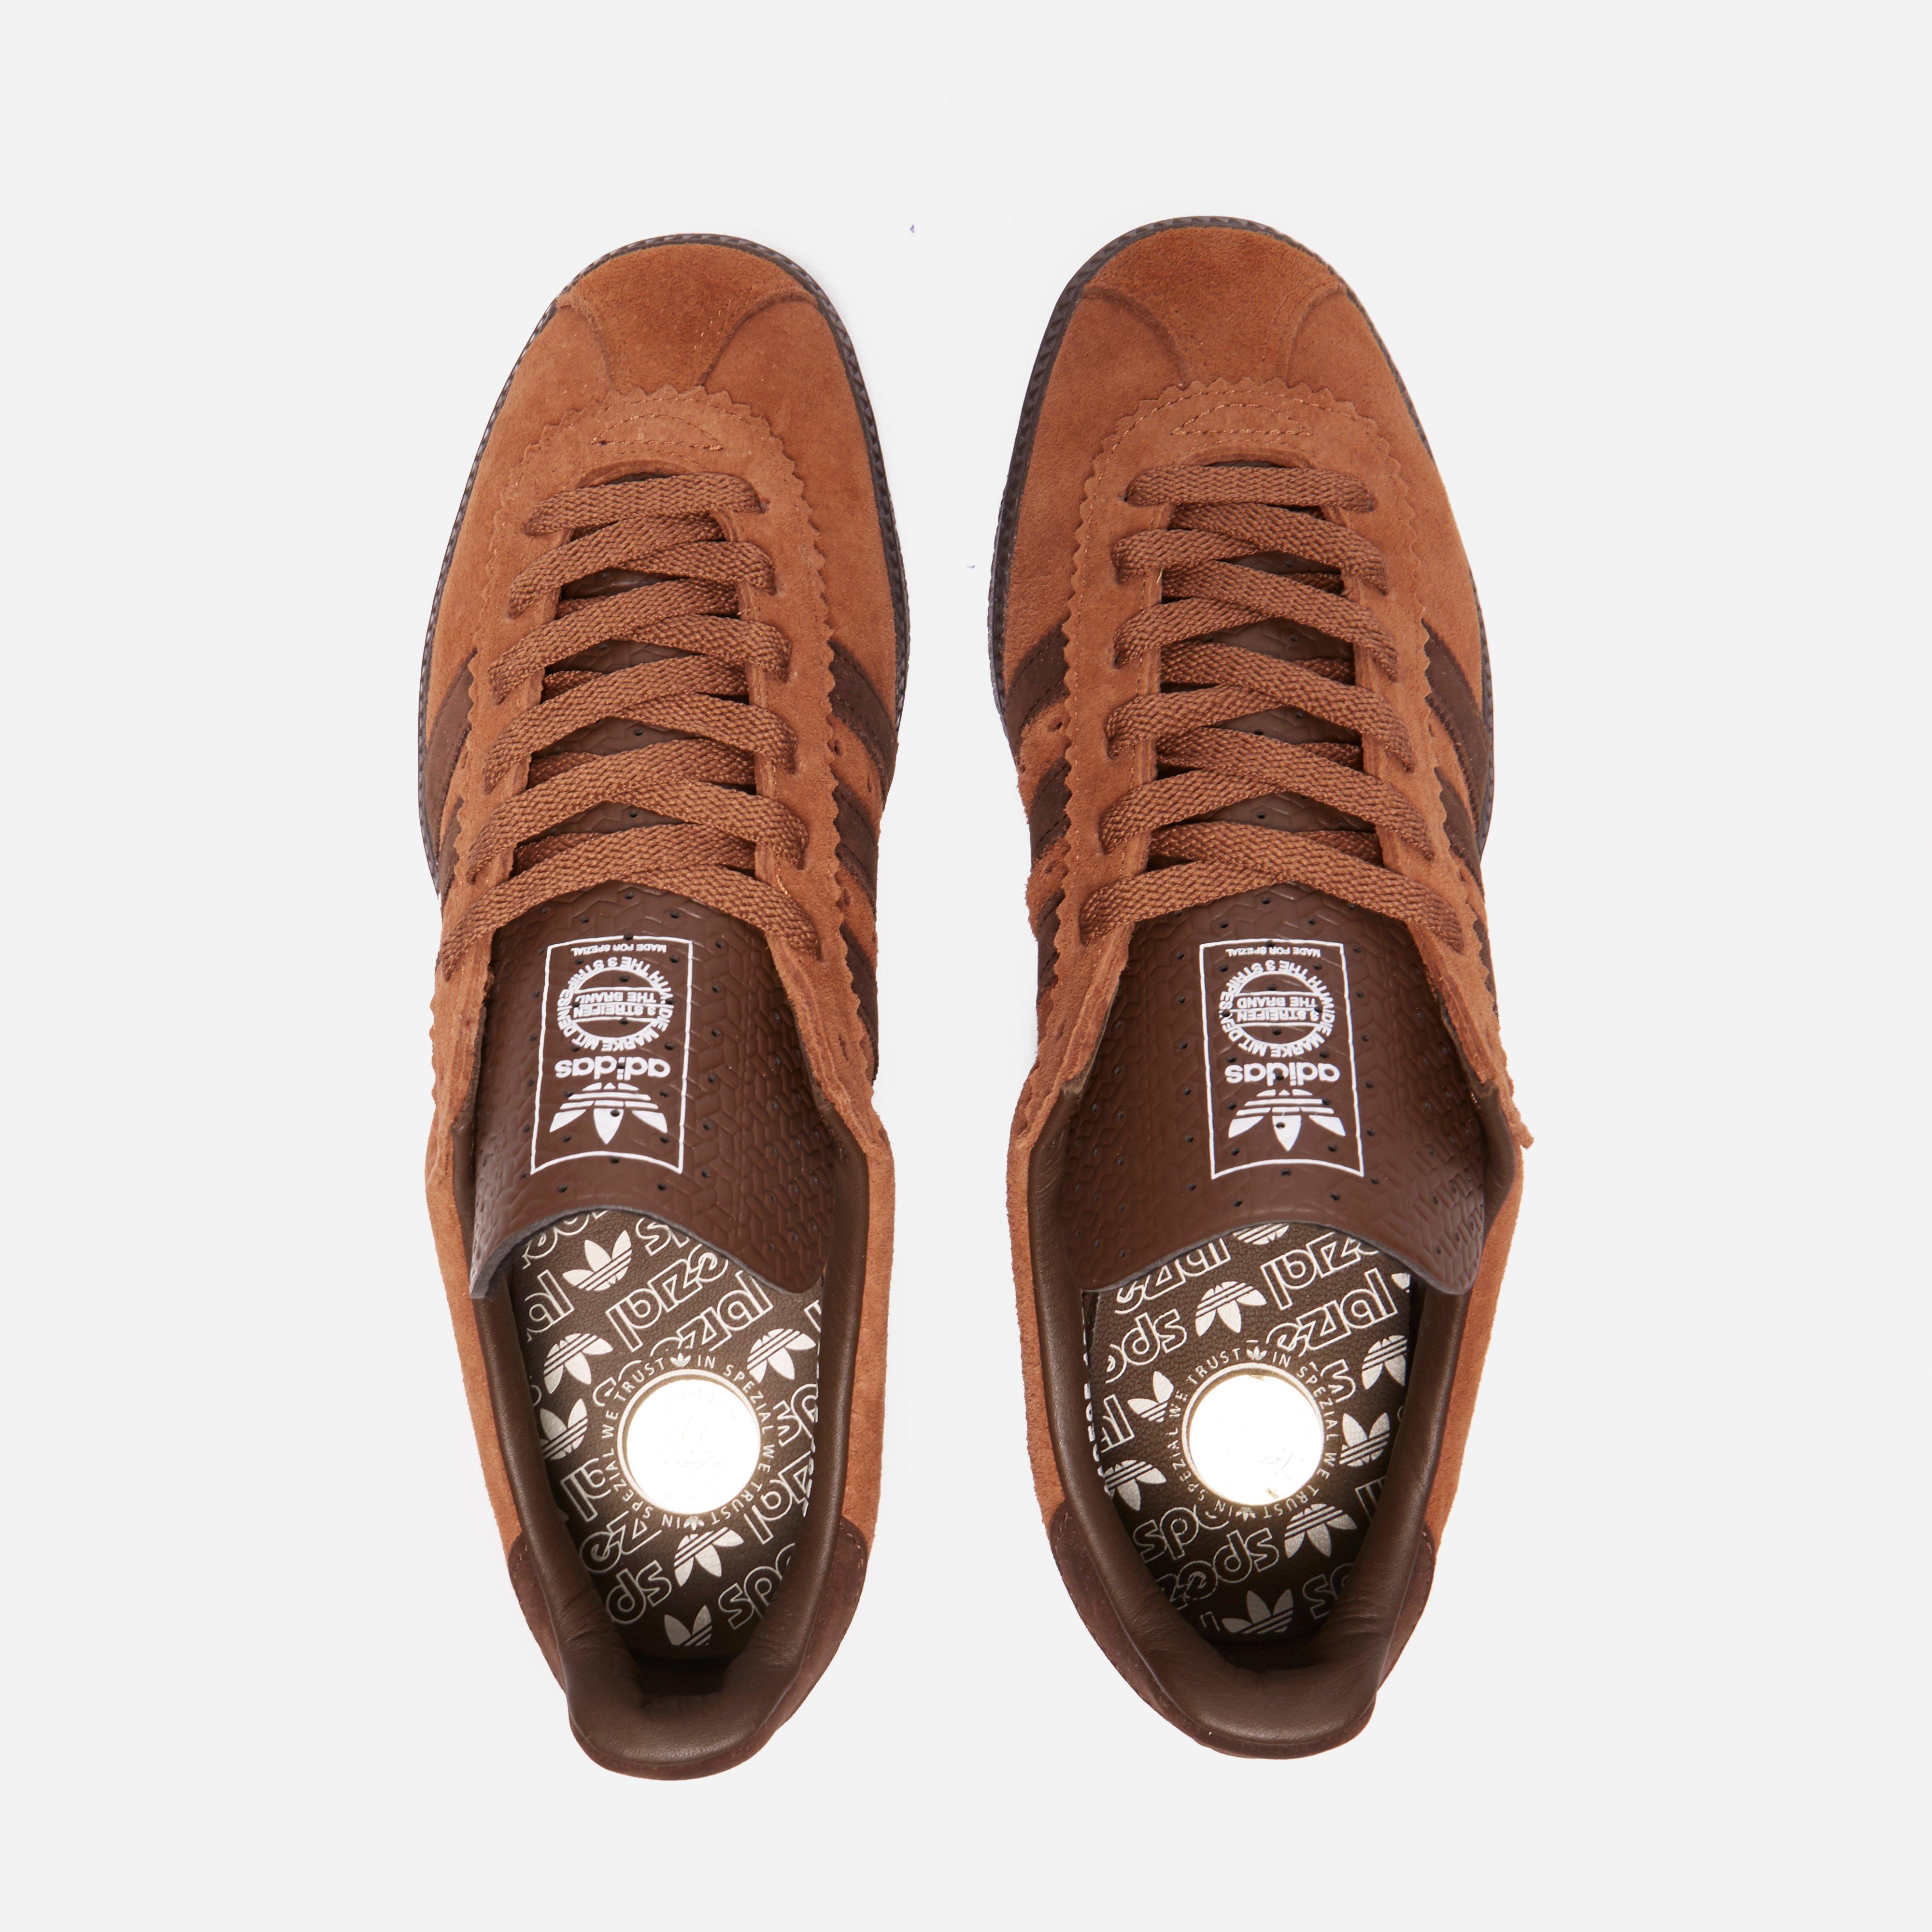 Lyst - adidas Originals Adidas Originals Padiham Spzl in Brown for Men 23cdfc19e